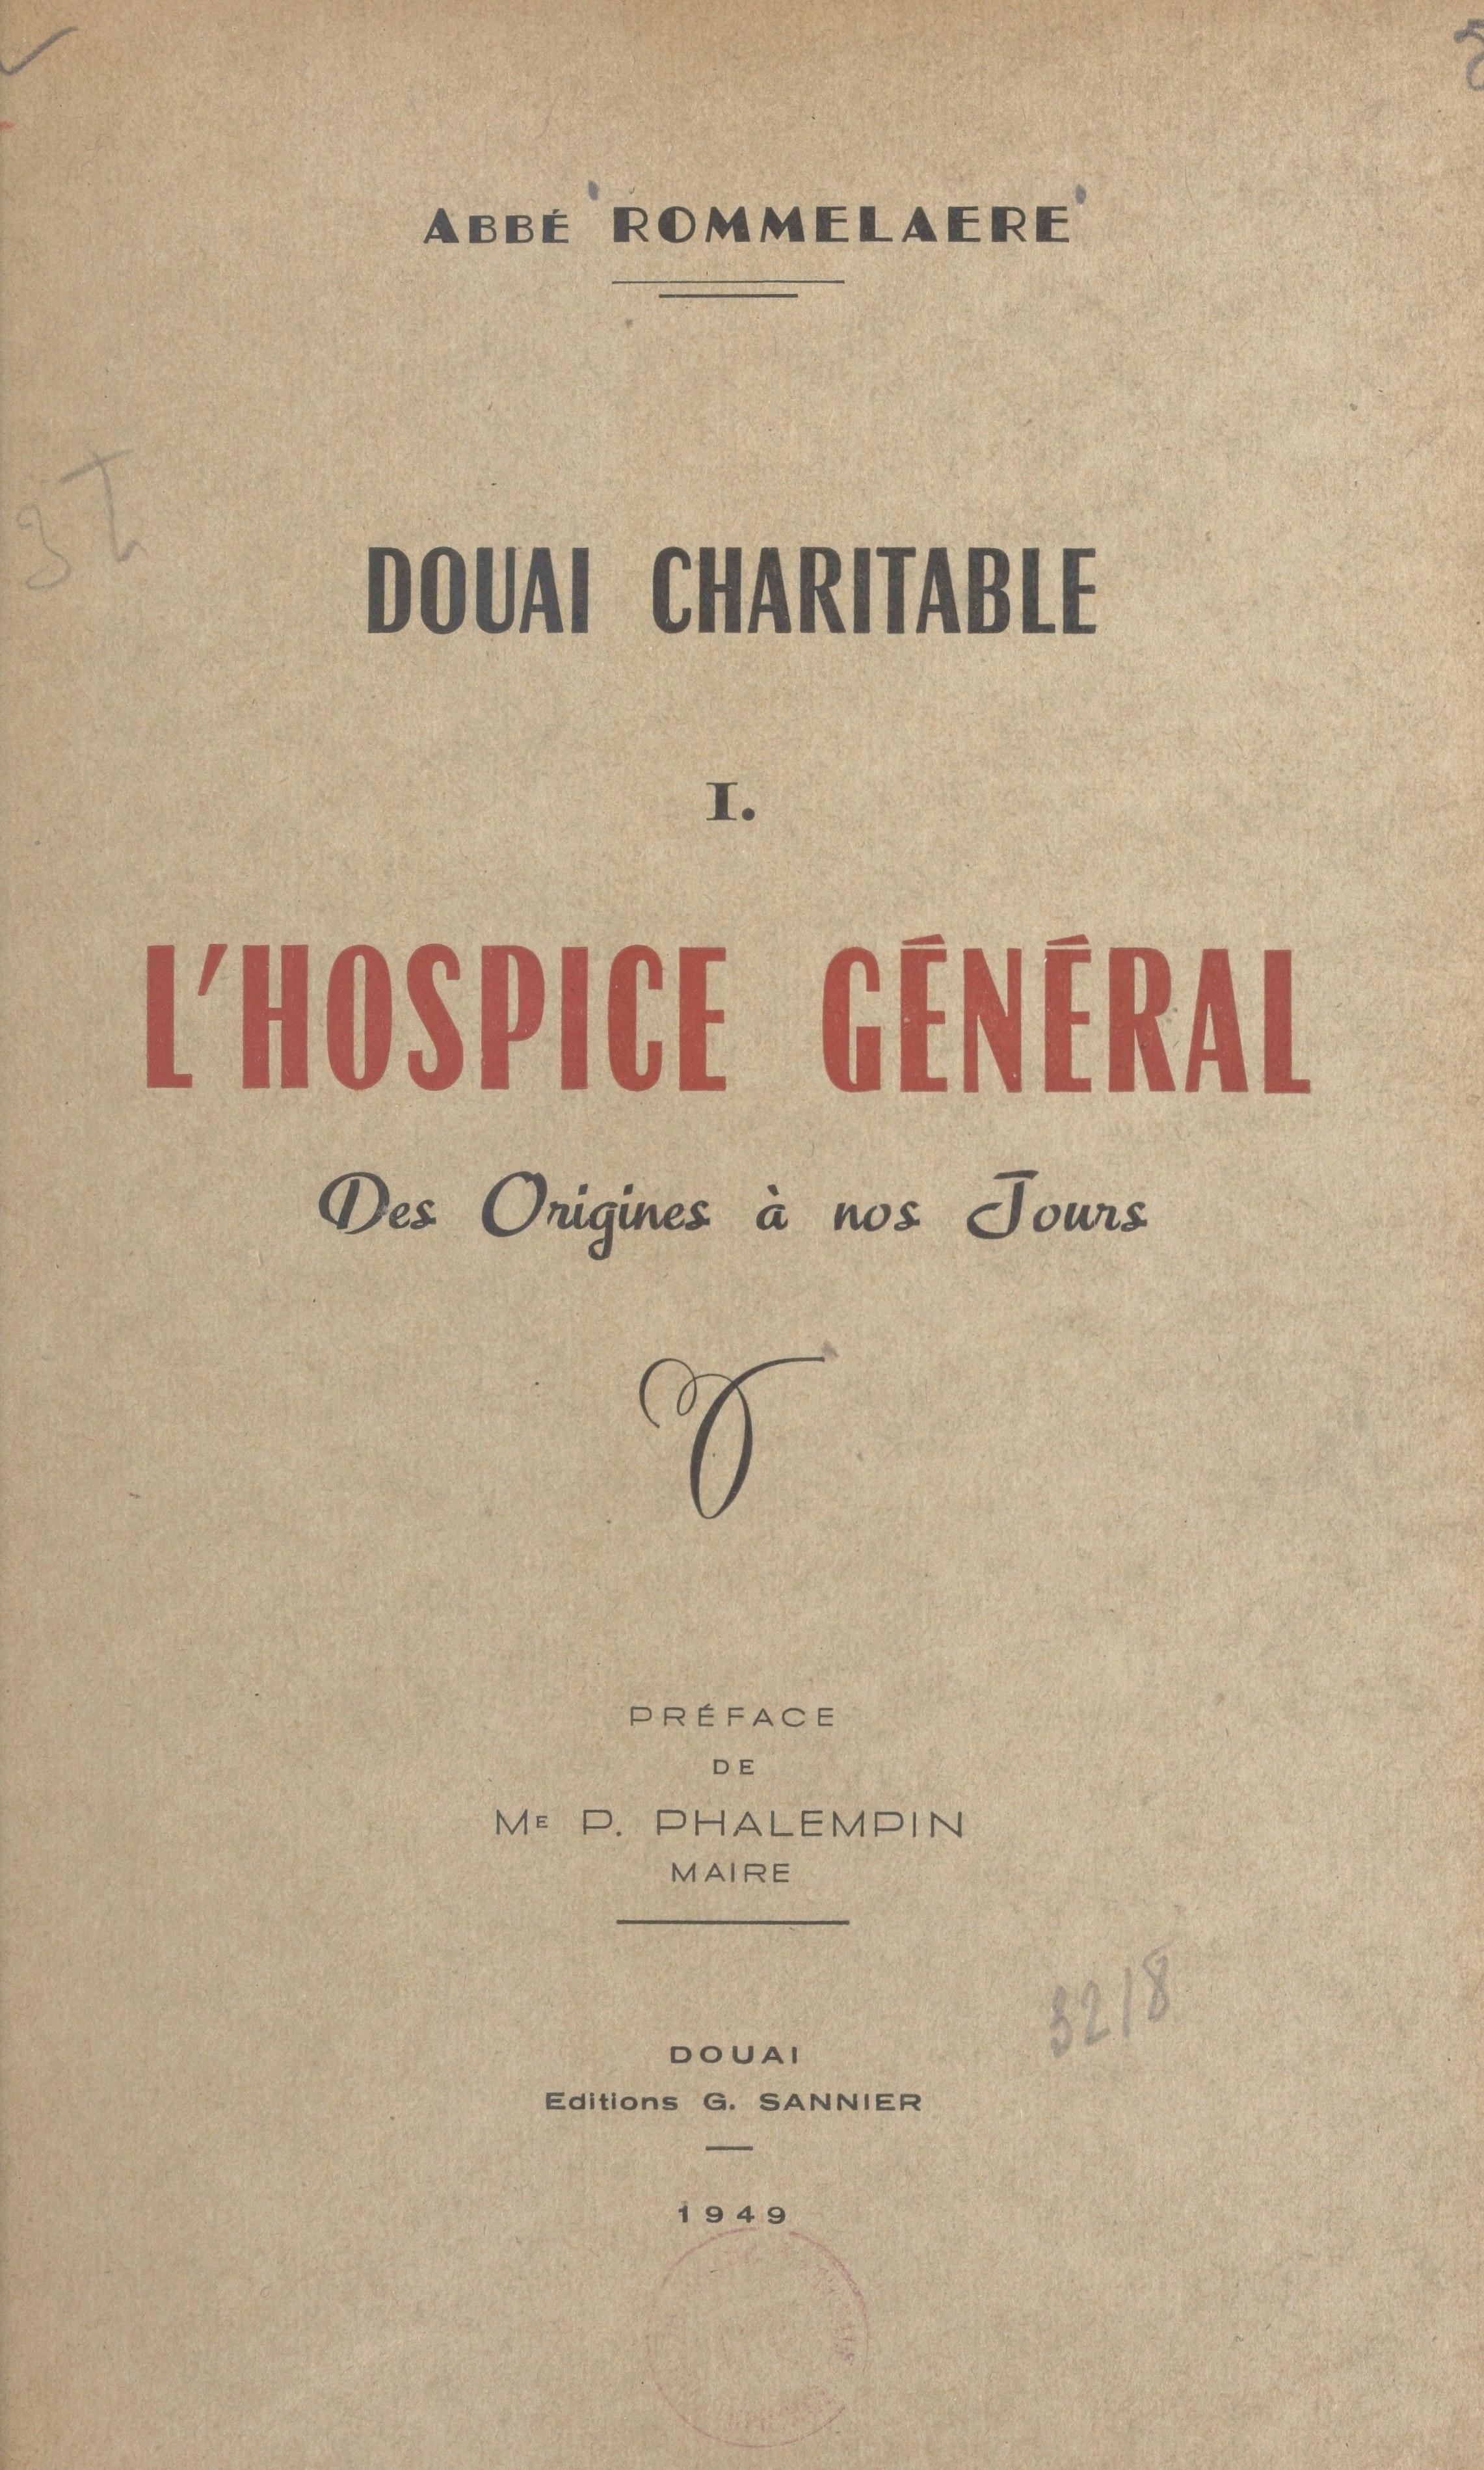 Douai charitable (1)